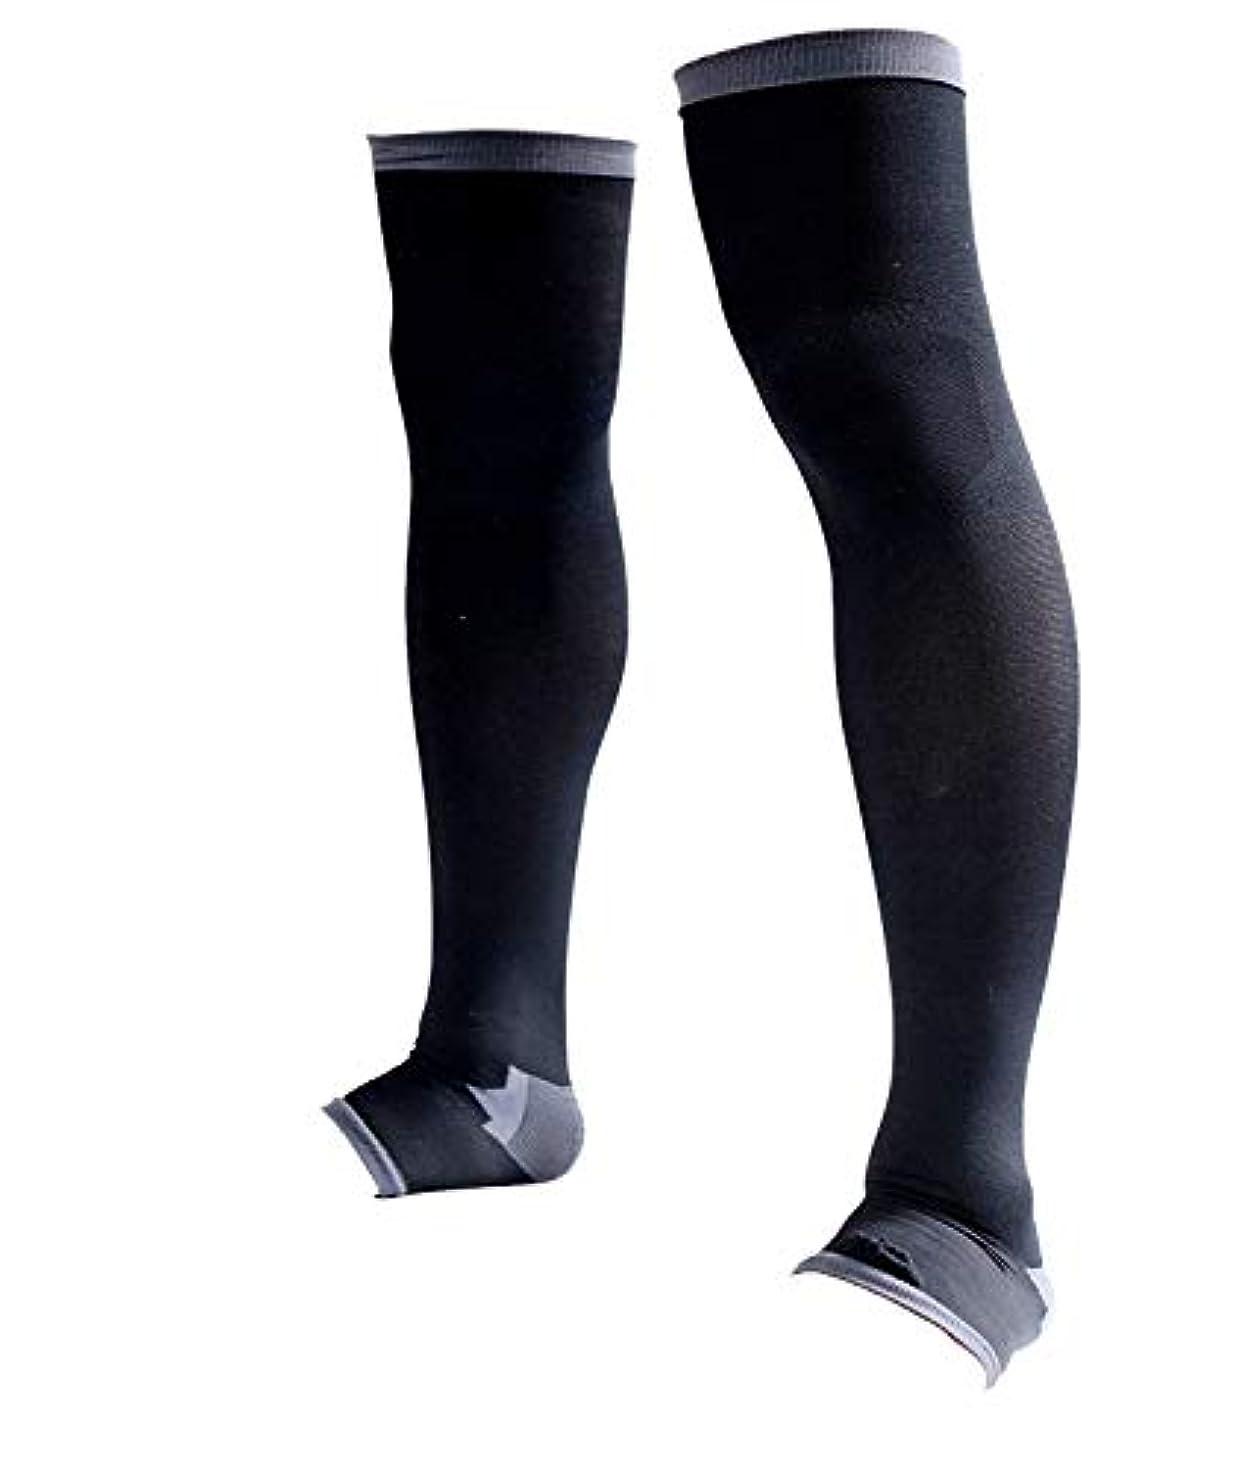 ファンブルロバマニフェスト男性専用脚すっきり対策オープントゥ着圧ソックス 膝上 L-LL 順天堂大学客員教授推奨